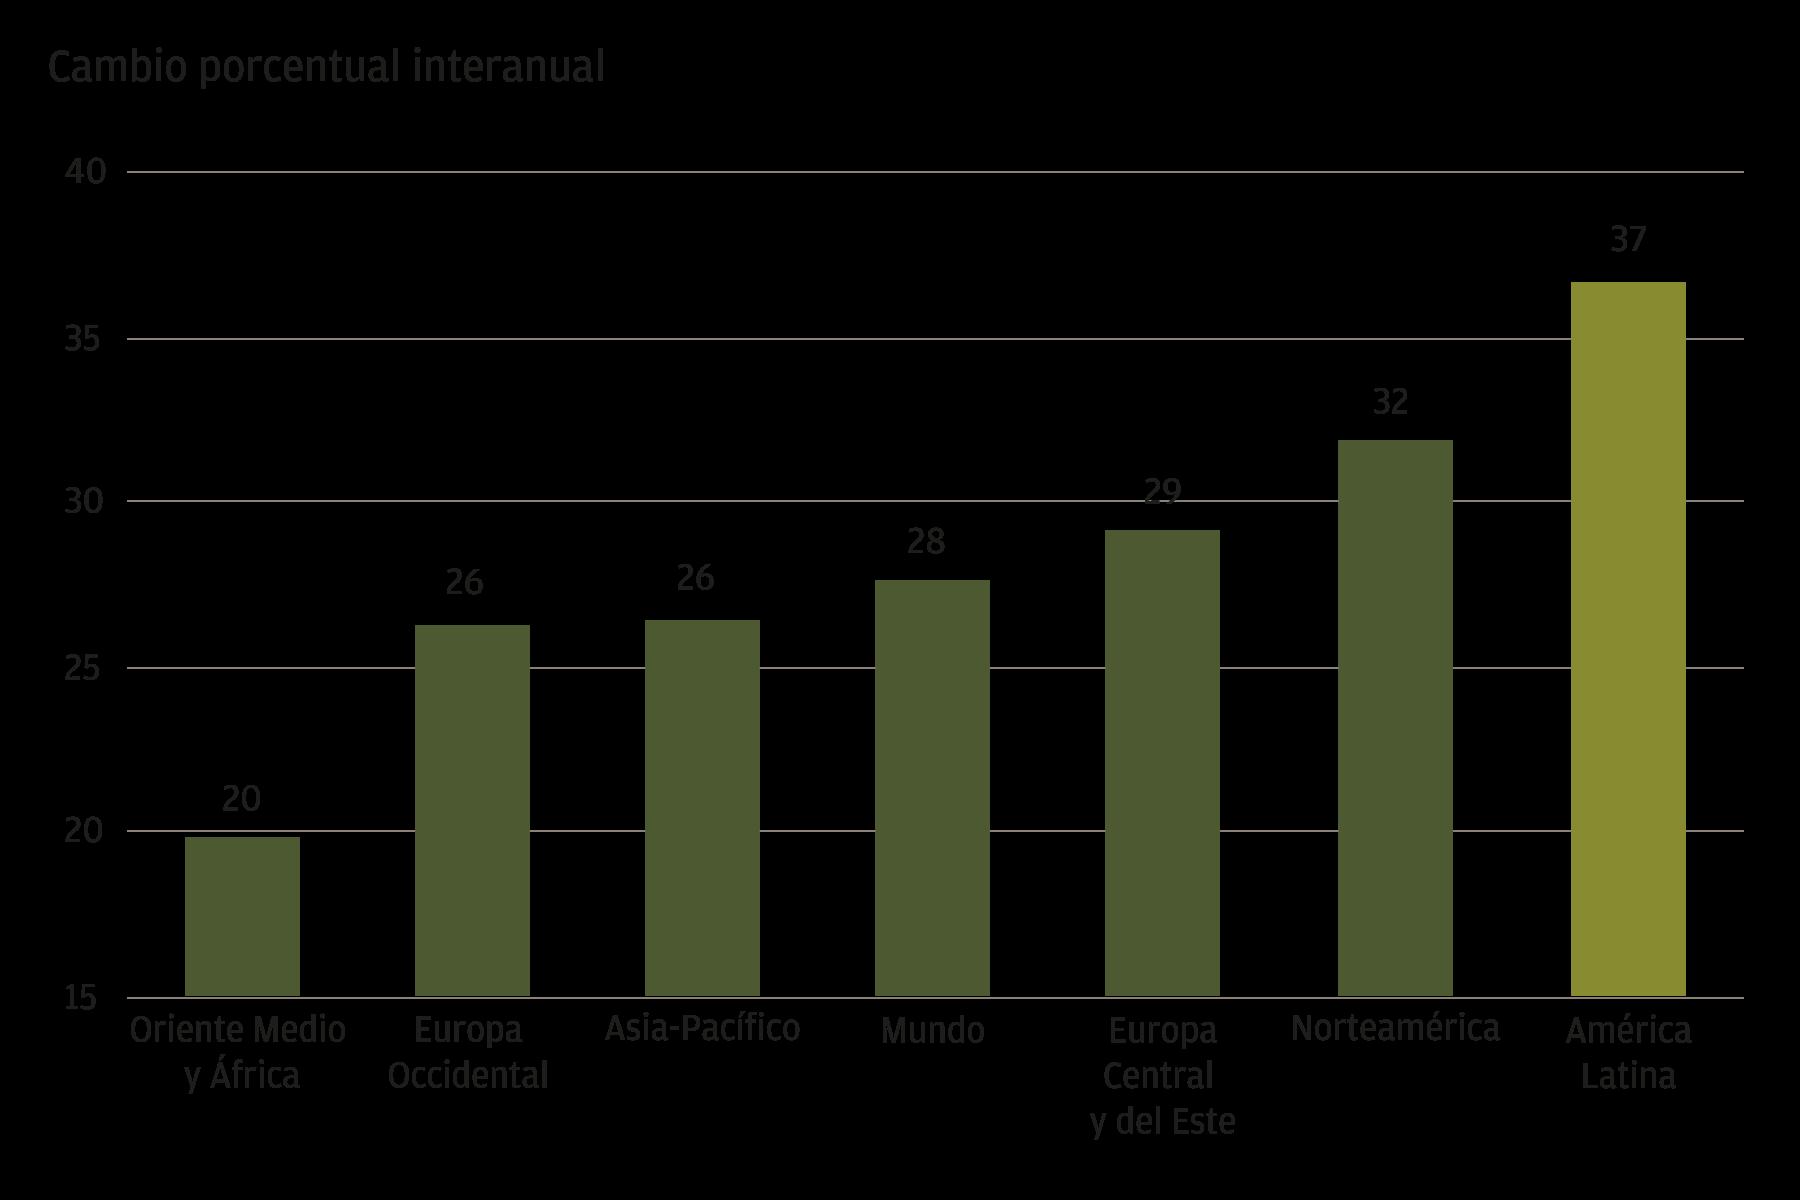 Este gráfico muestra el cambio porcentual interanual de las ventas de comercio electrónico en 2020 por región en Oriente Medio y África, Europa Occidental, Asia-Pacífico, Mundo, Europa Central y del Este, Norteamérica y Latinoamérica. América Latina tiene el crecimiento más alto, con una tasa de crecimiento del 37%, seguida de Norteamérica, con un 32%. Europa Central y del Este, el mundo y Asia-Pacífico tienen tasas de crecimiento moderadas en comparación con las otras regiones. Europa Occidental y Oriente Medio y África tienen el crecimiento más bajo, con un 26% y un 20%, respectivamente.